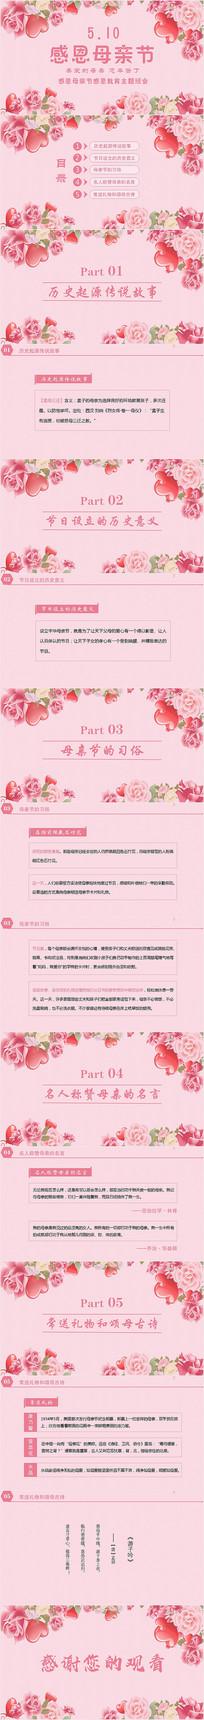 粉色母亲节活动策划PPT